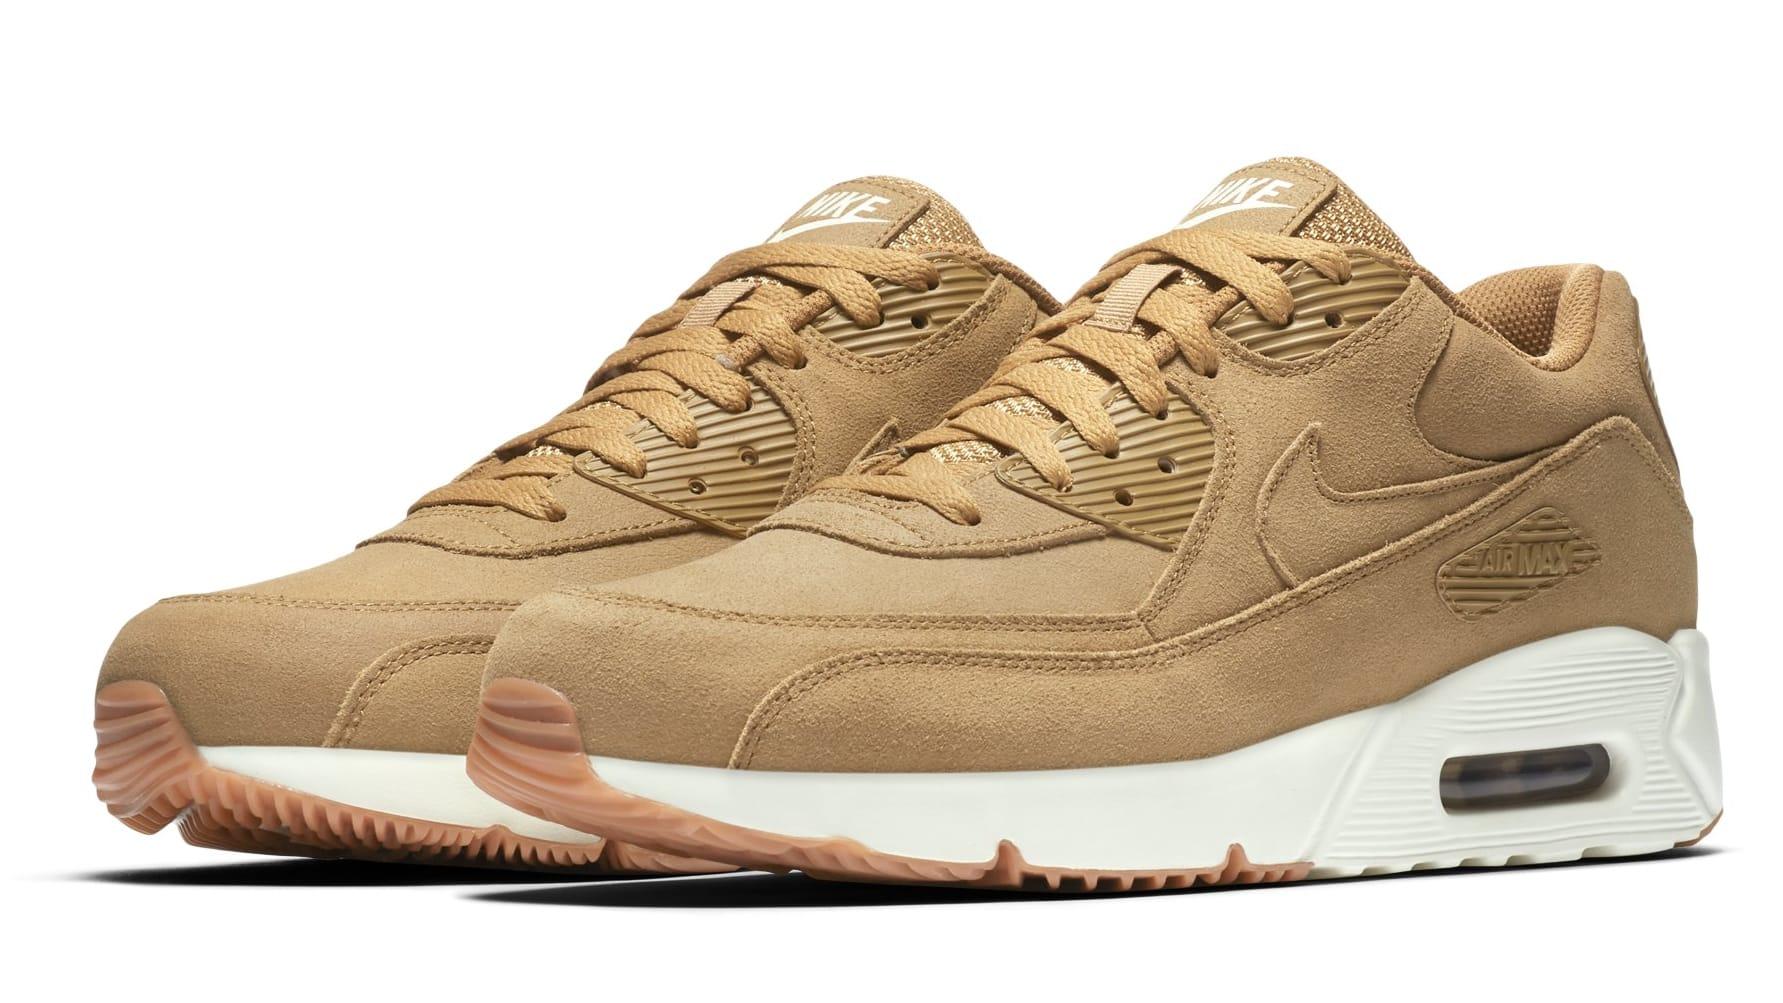 Nike Air Max 90 Flax